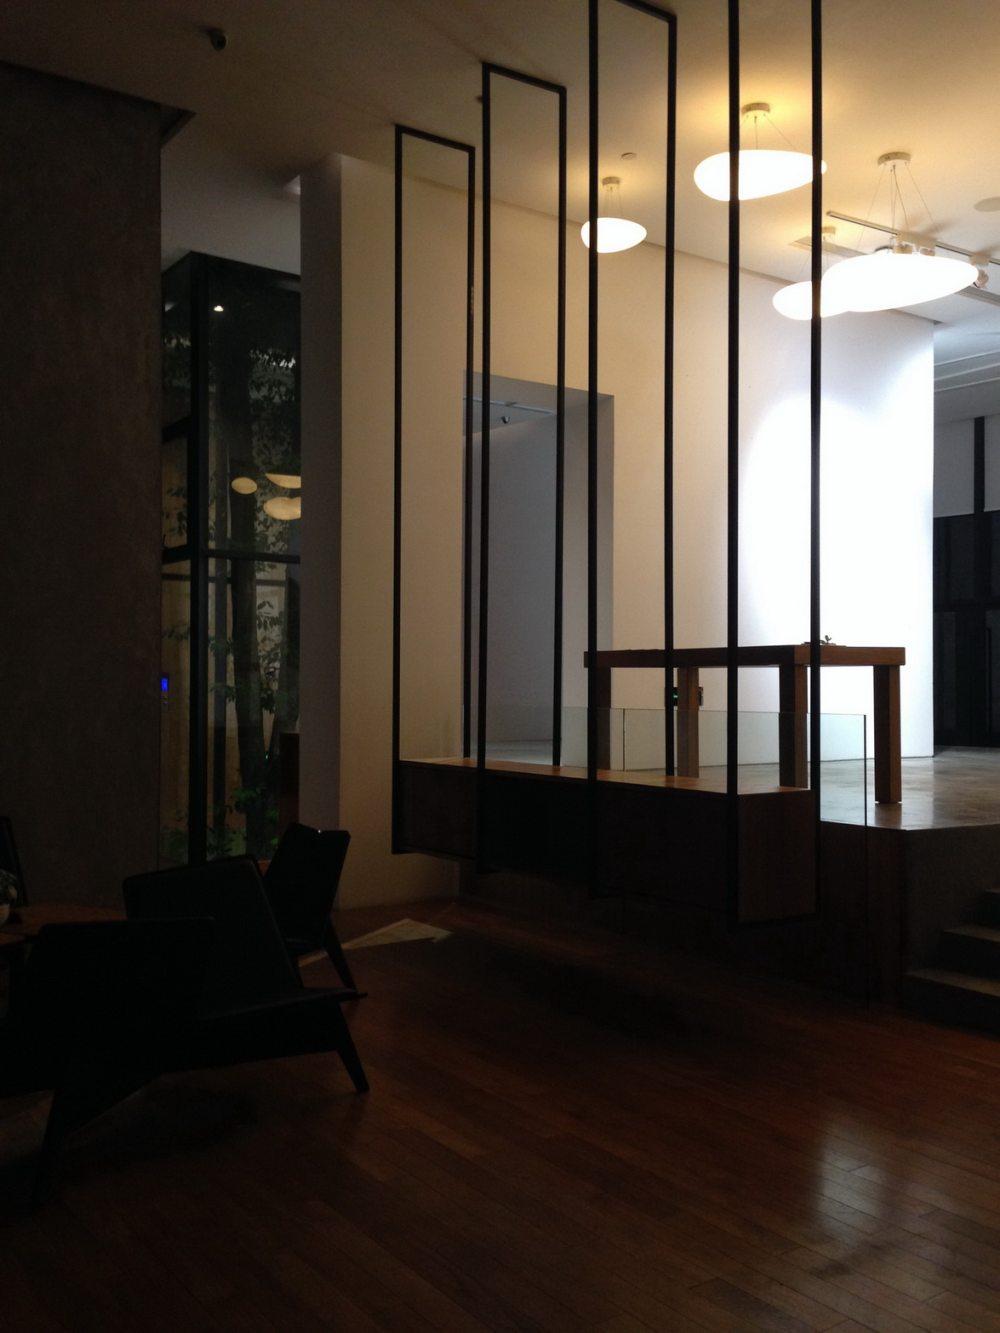 厦门乐雅无垠酒店Hotel Wind自拍 分享_IMG_2638.JPG